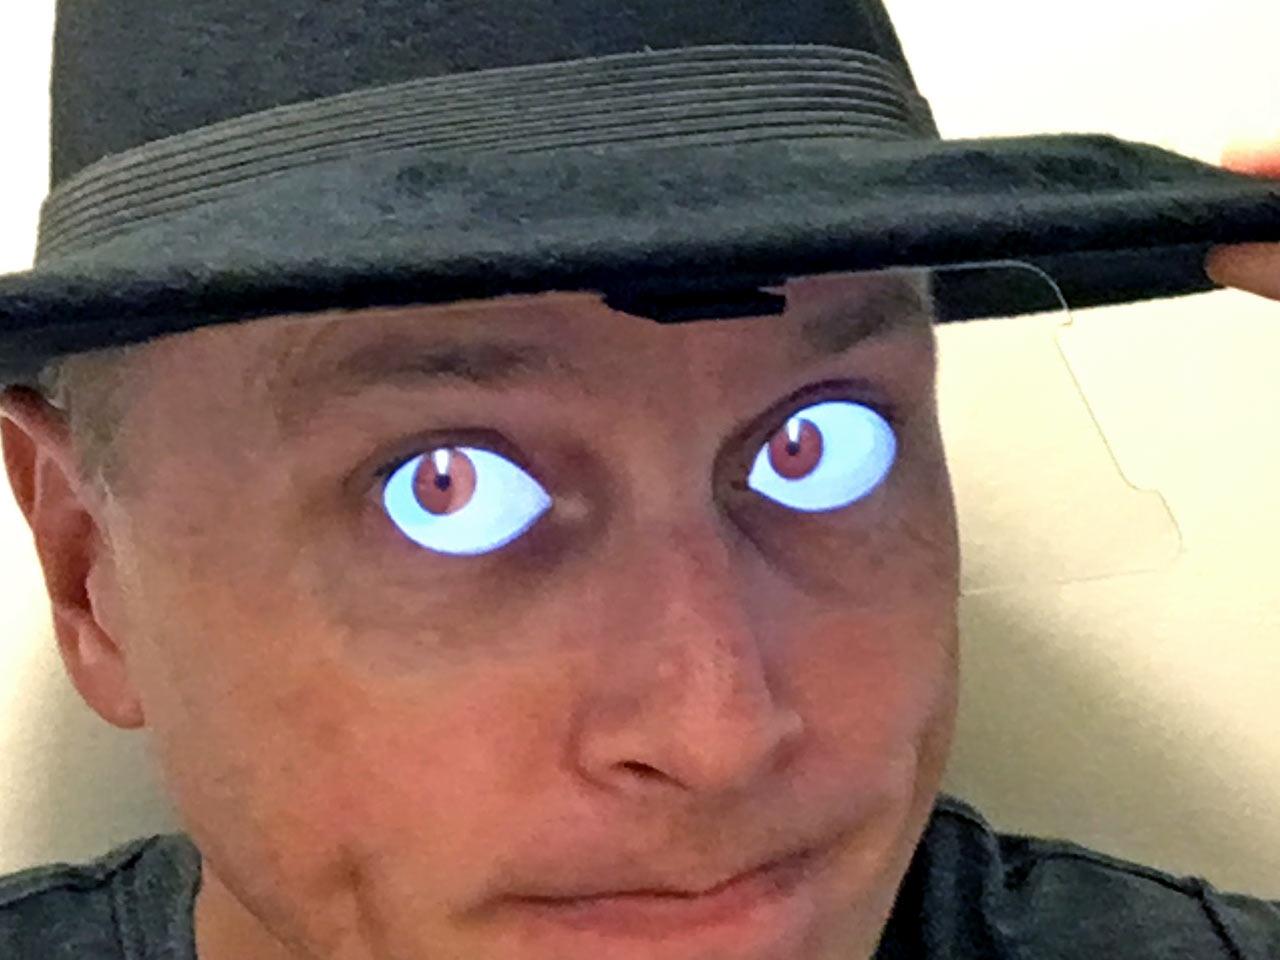 adafruit_products_eyes-red.jpg